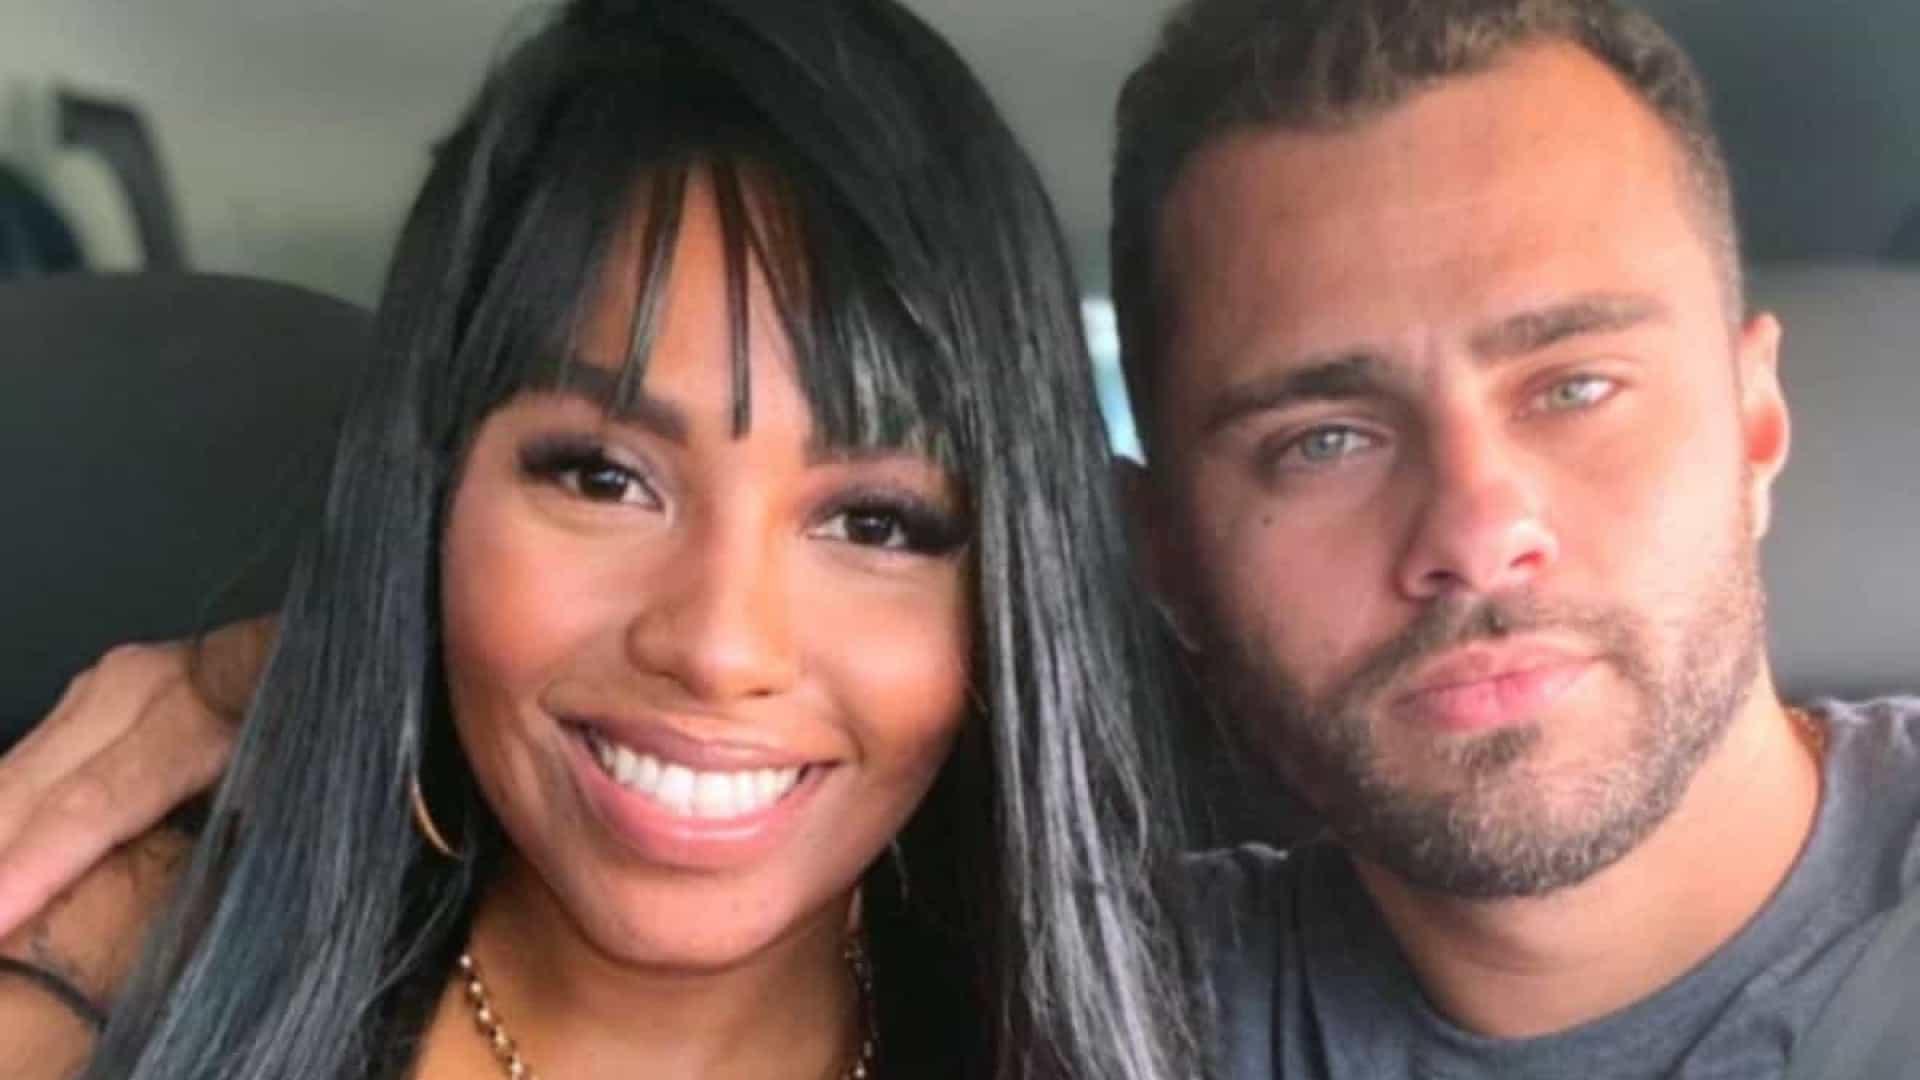 """naom 5fbe433ec7424 - """"Cenas fortes e revoltantes"""": cantora gospel é agredida pelo marido dentro de shopping; irmão da vítima denuncia - VEJA VÍDEO"""